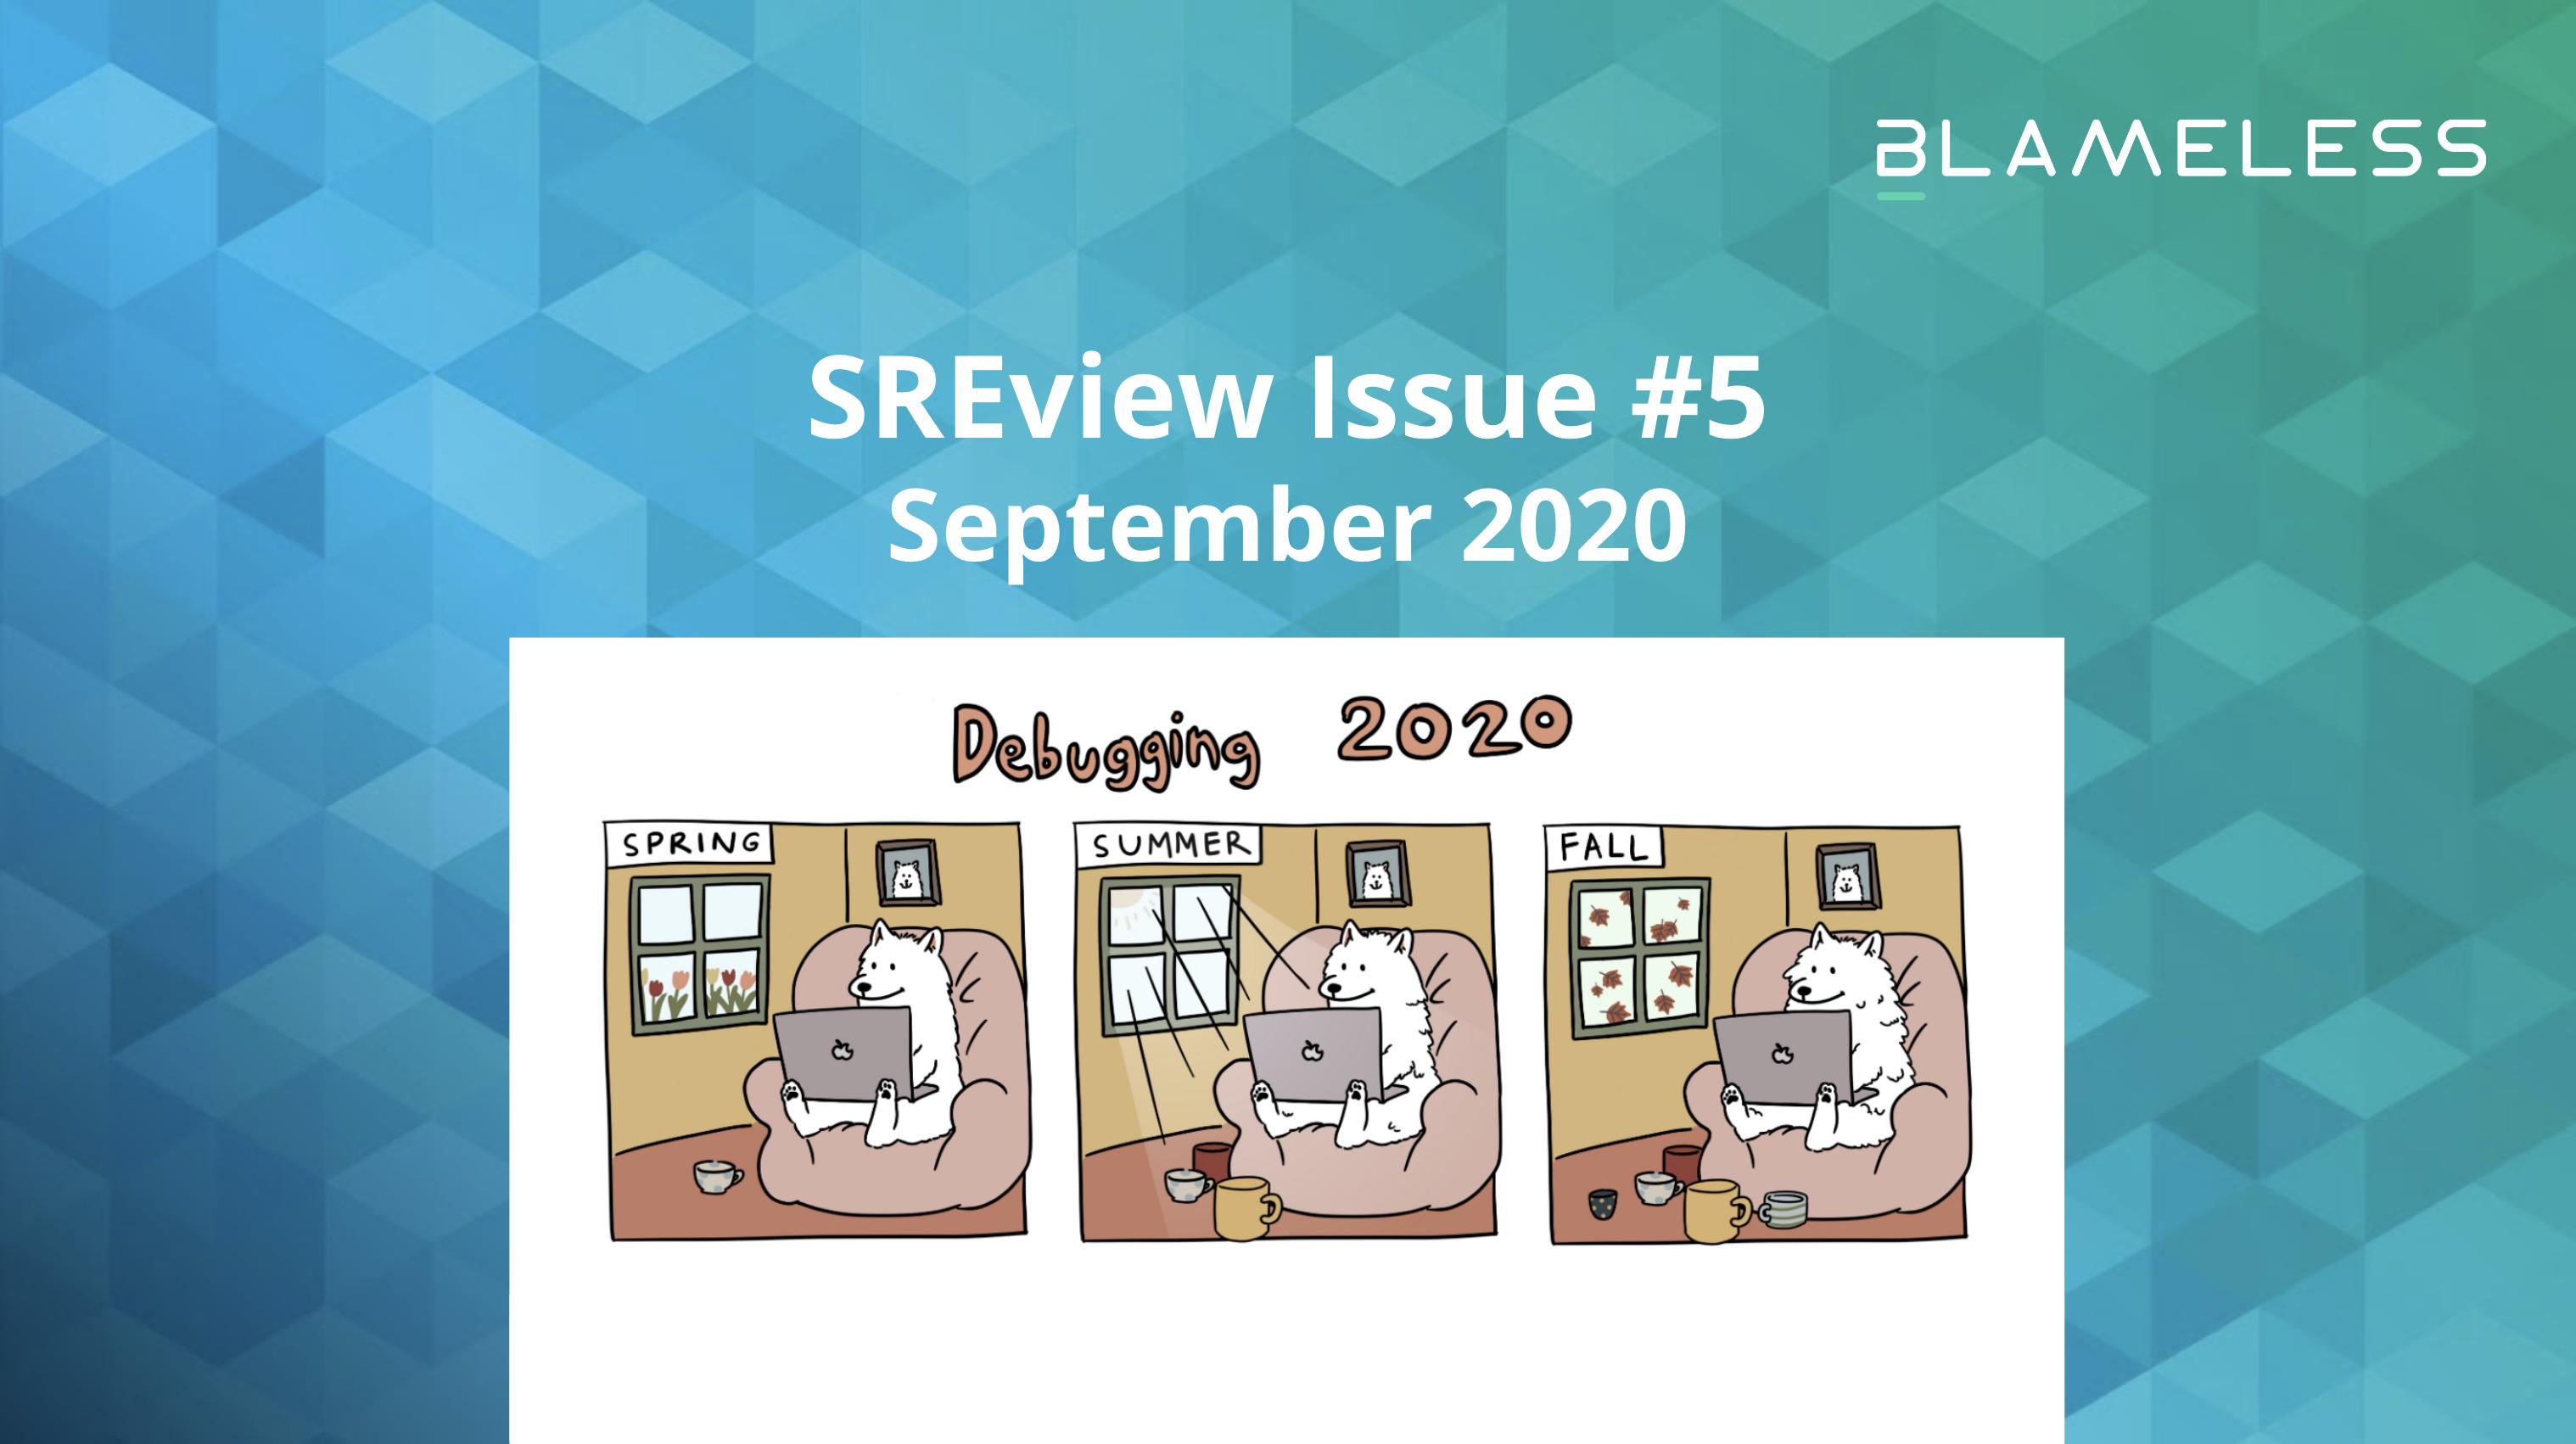 SREview Issue #5 September 2020